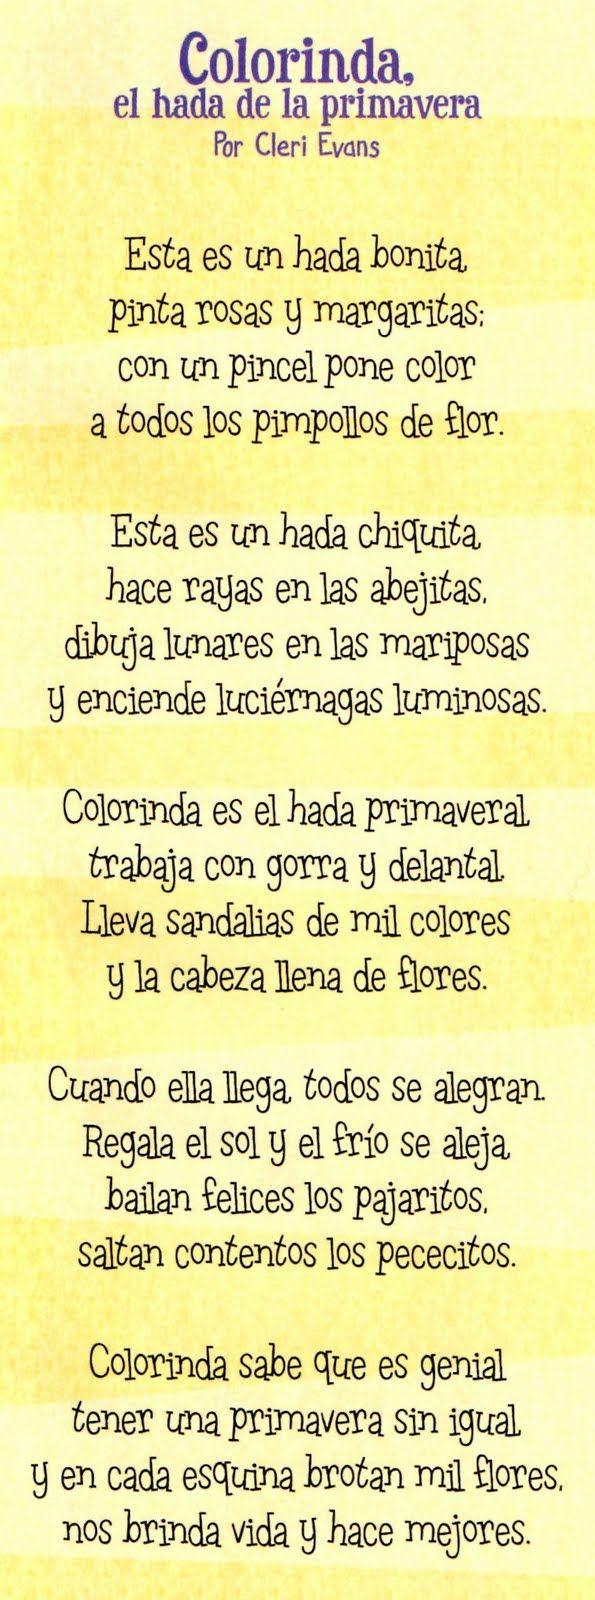 Duendes Juguetones Colorinda El Hada De La Primavera Poemas Cortos Para Niños Cuentos De Primavera Poesía Para Niños